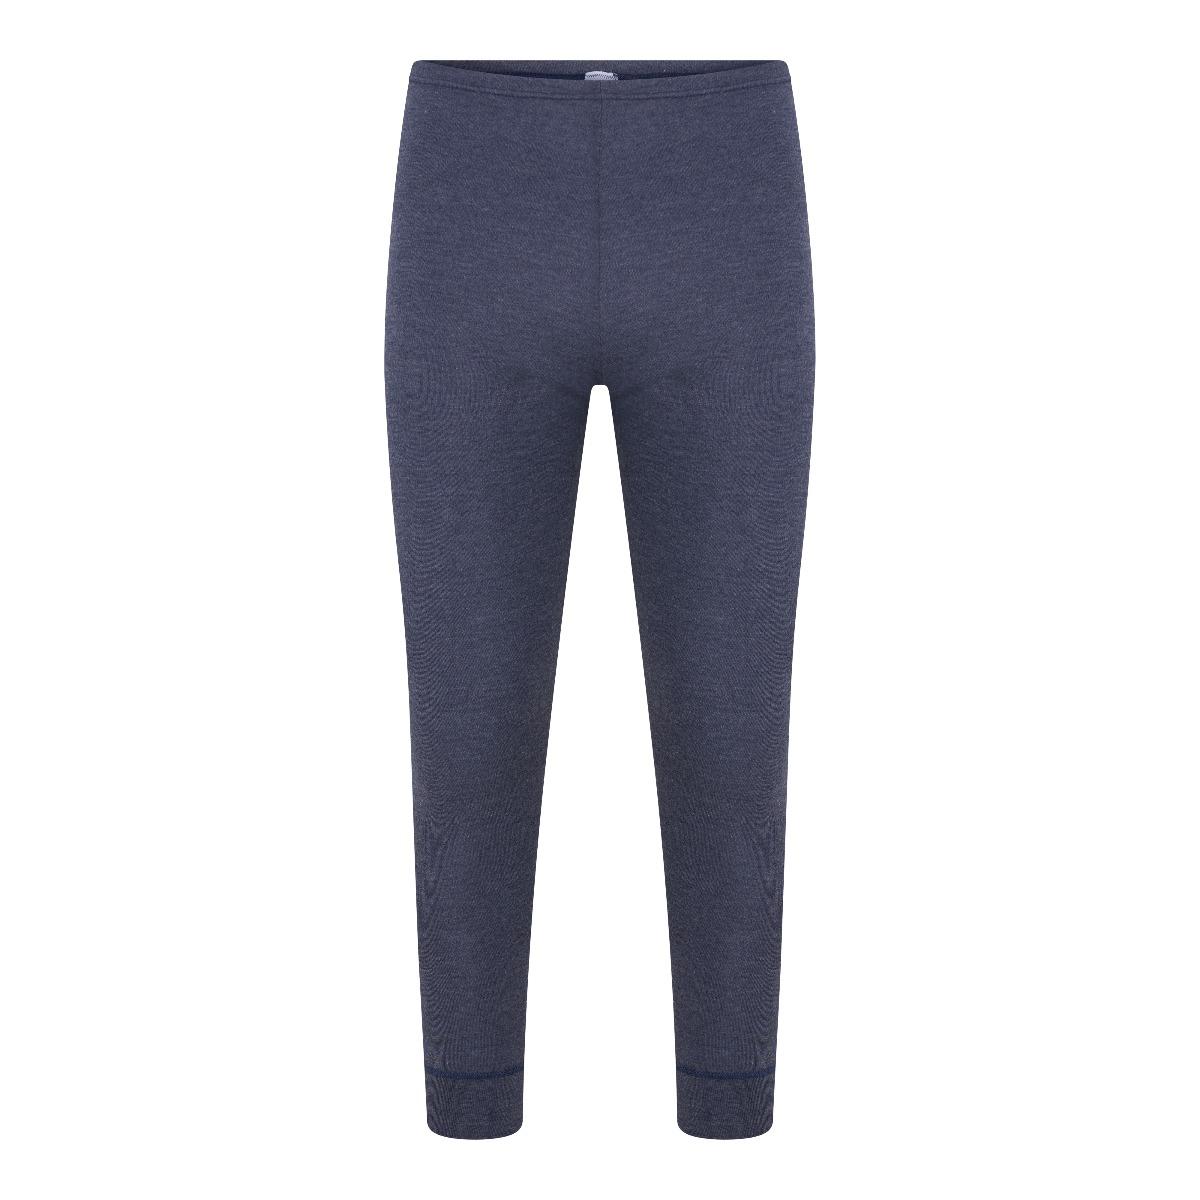 Beeren Thermo Unisex Pantalon Marine XL